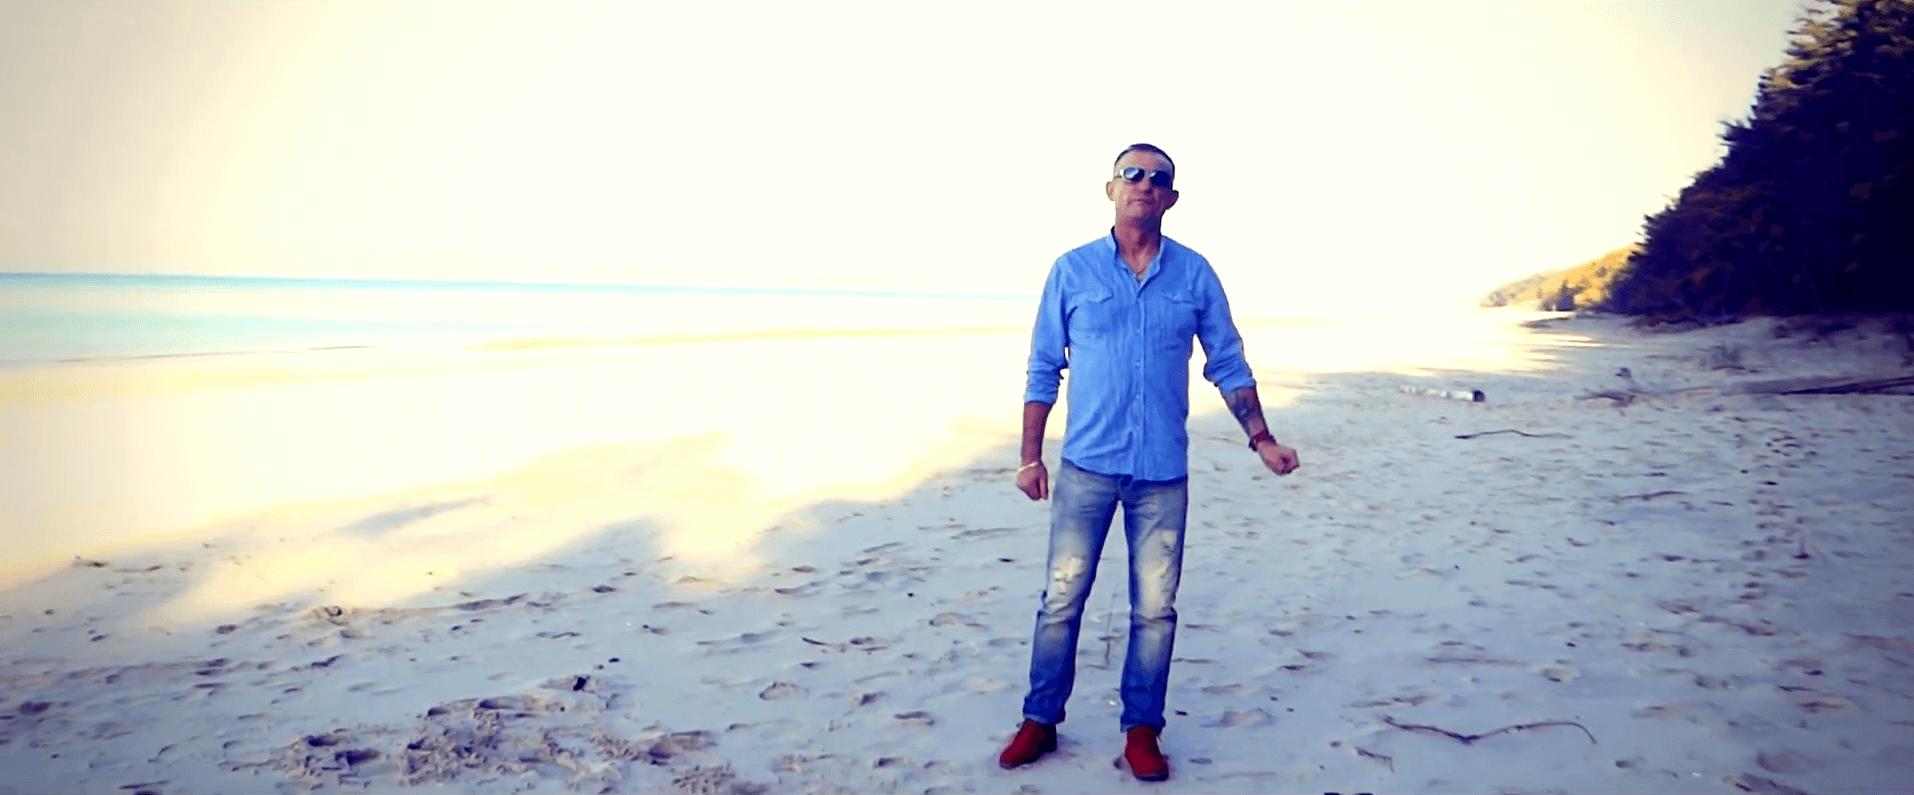 Marobi – Pierwsza miłość 2018